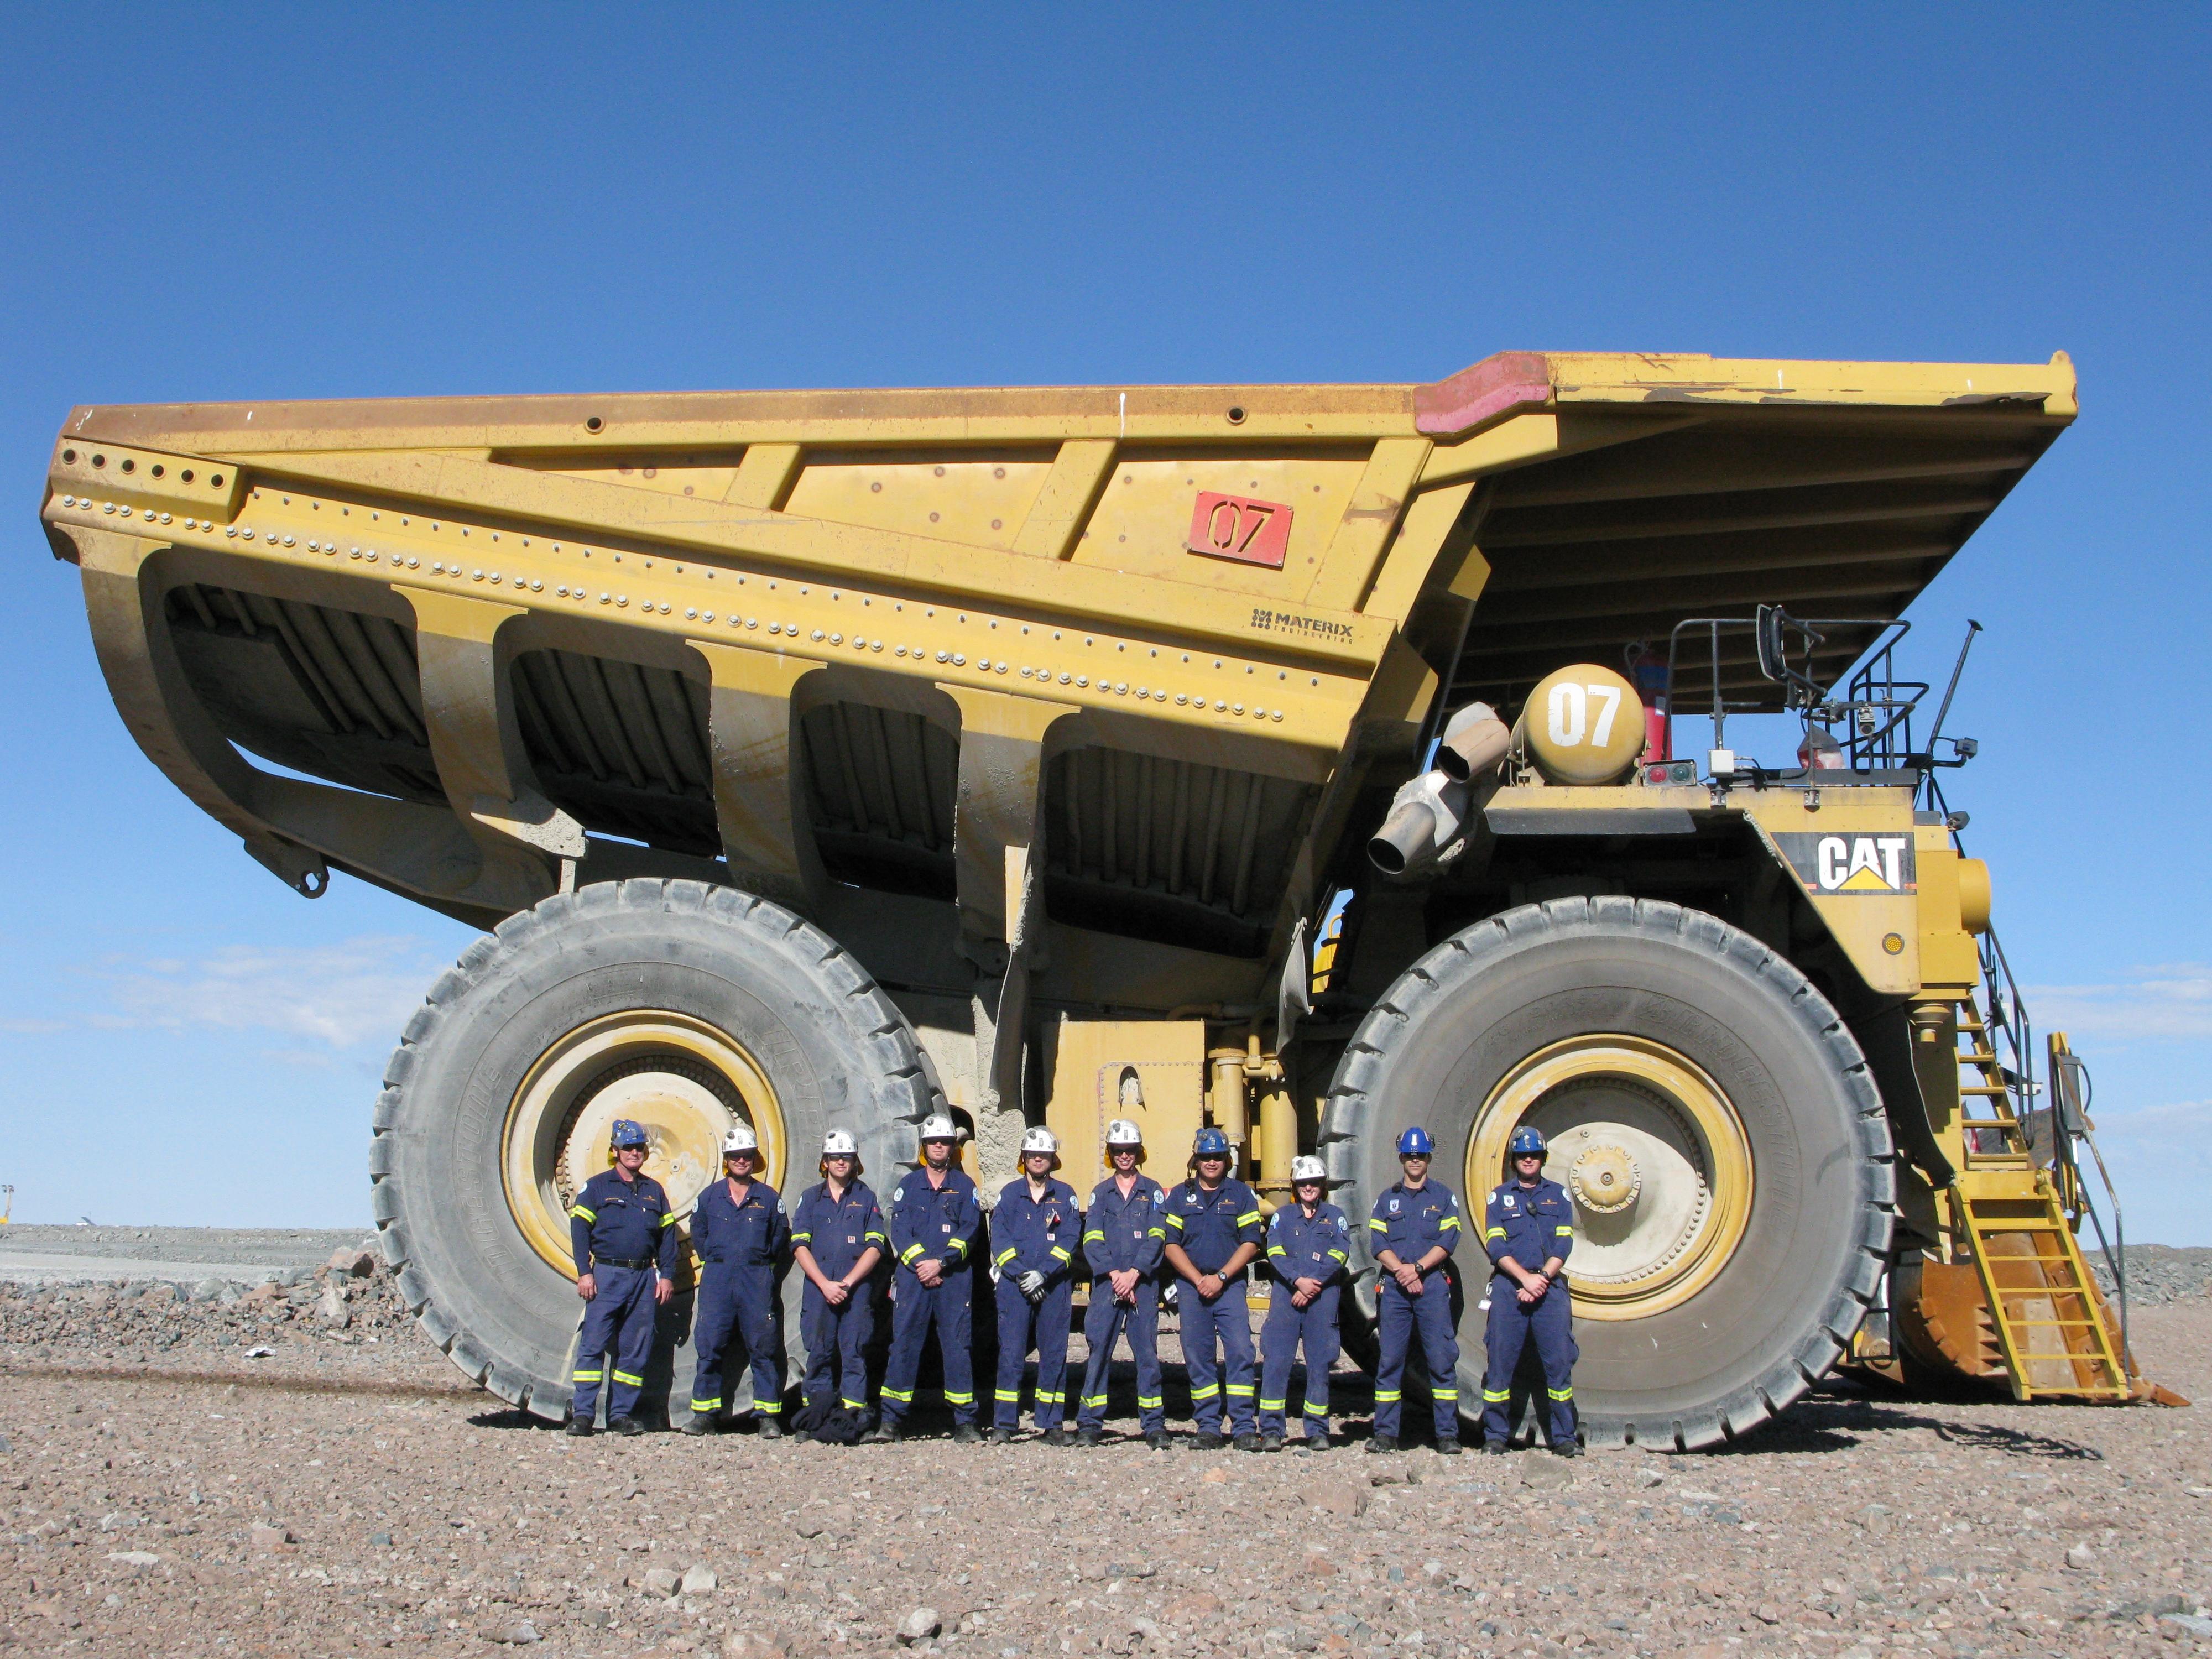 Mines Rescue Team